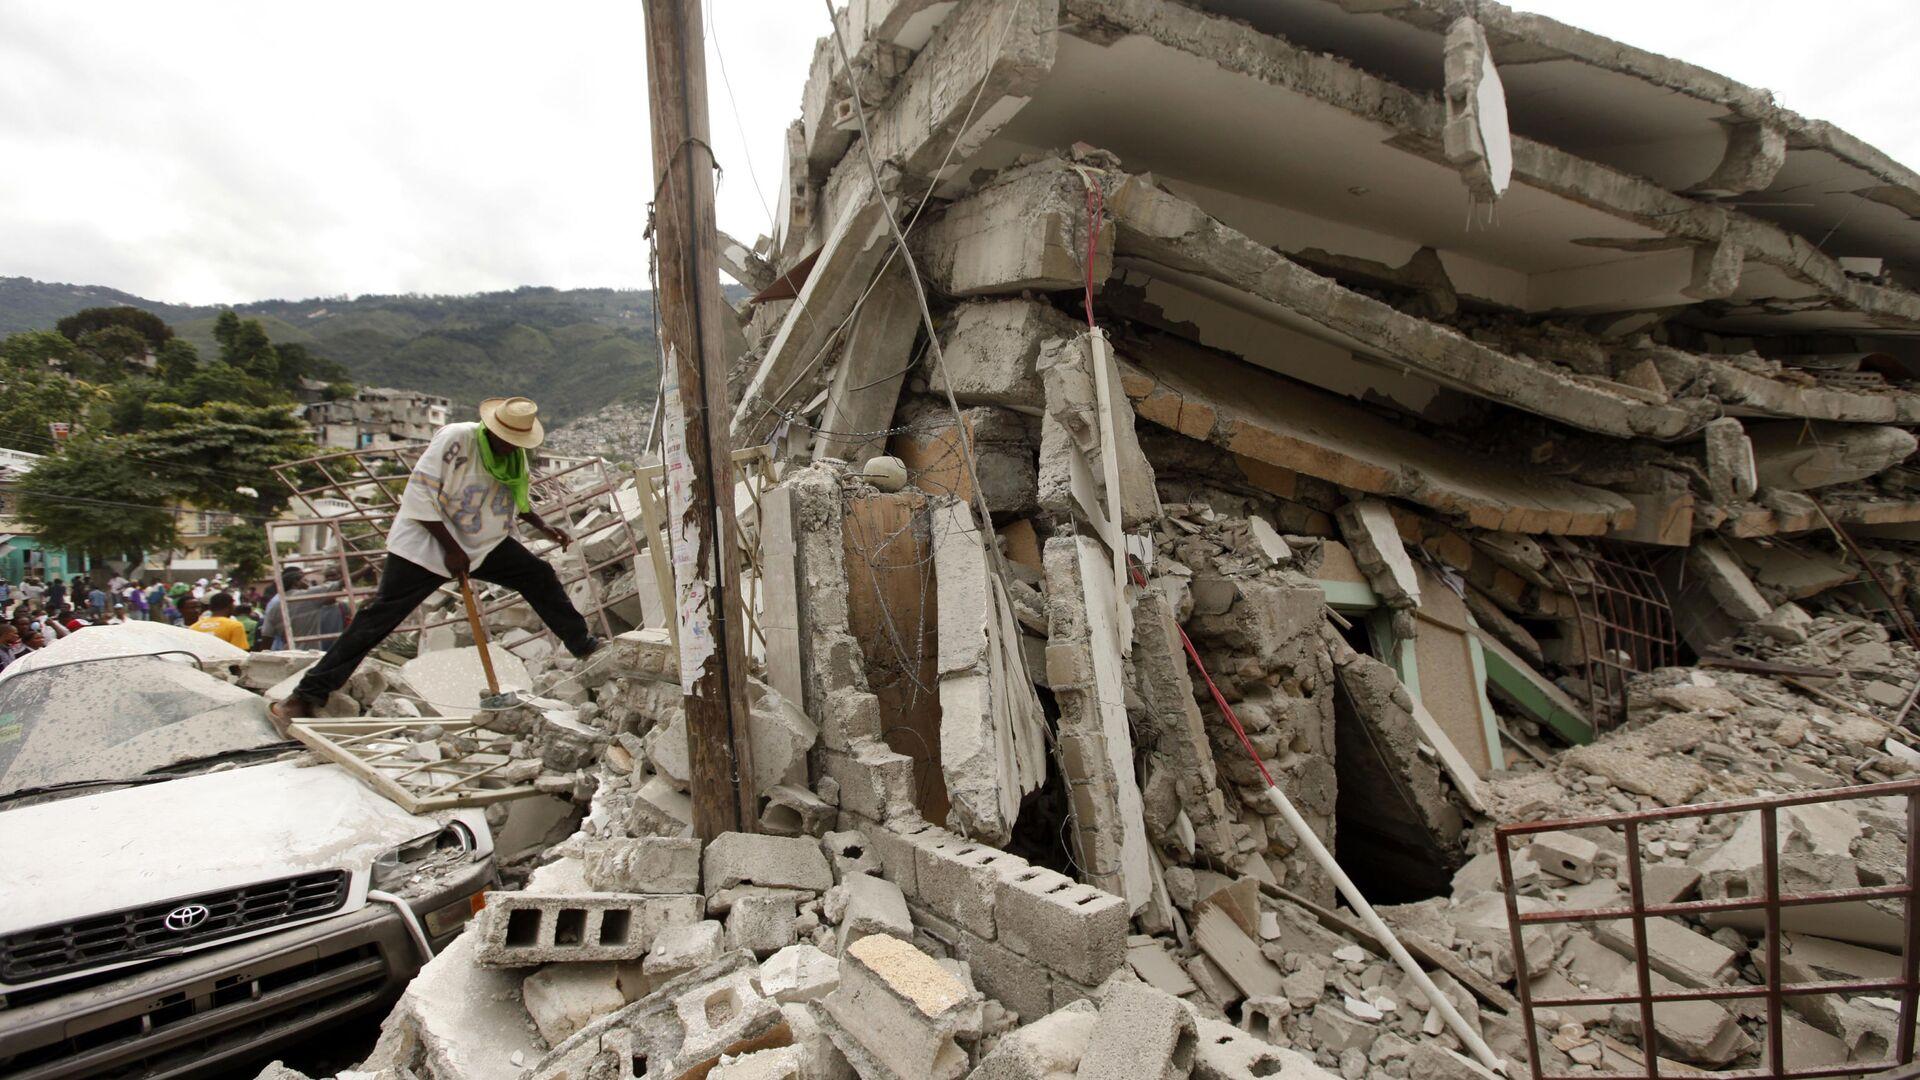 Haiti po trzęsieniu ziemi w 2010 roku - Sputnik Polska, 1920, 14.08.2021